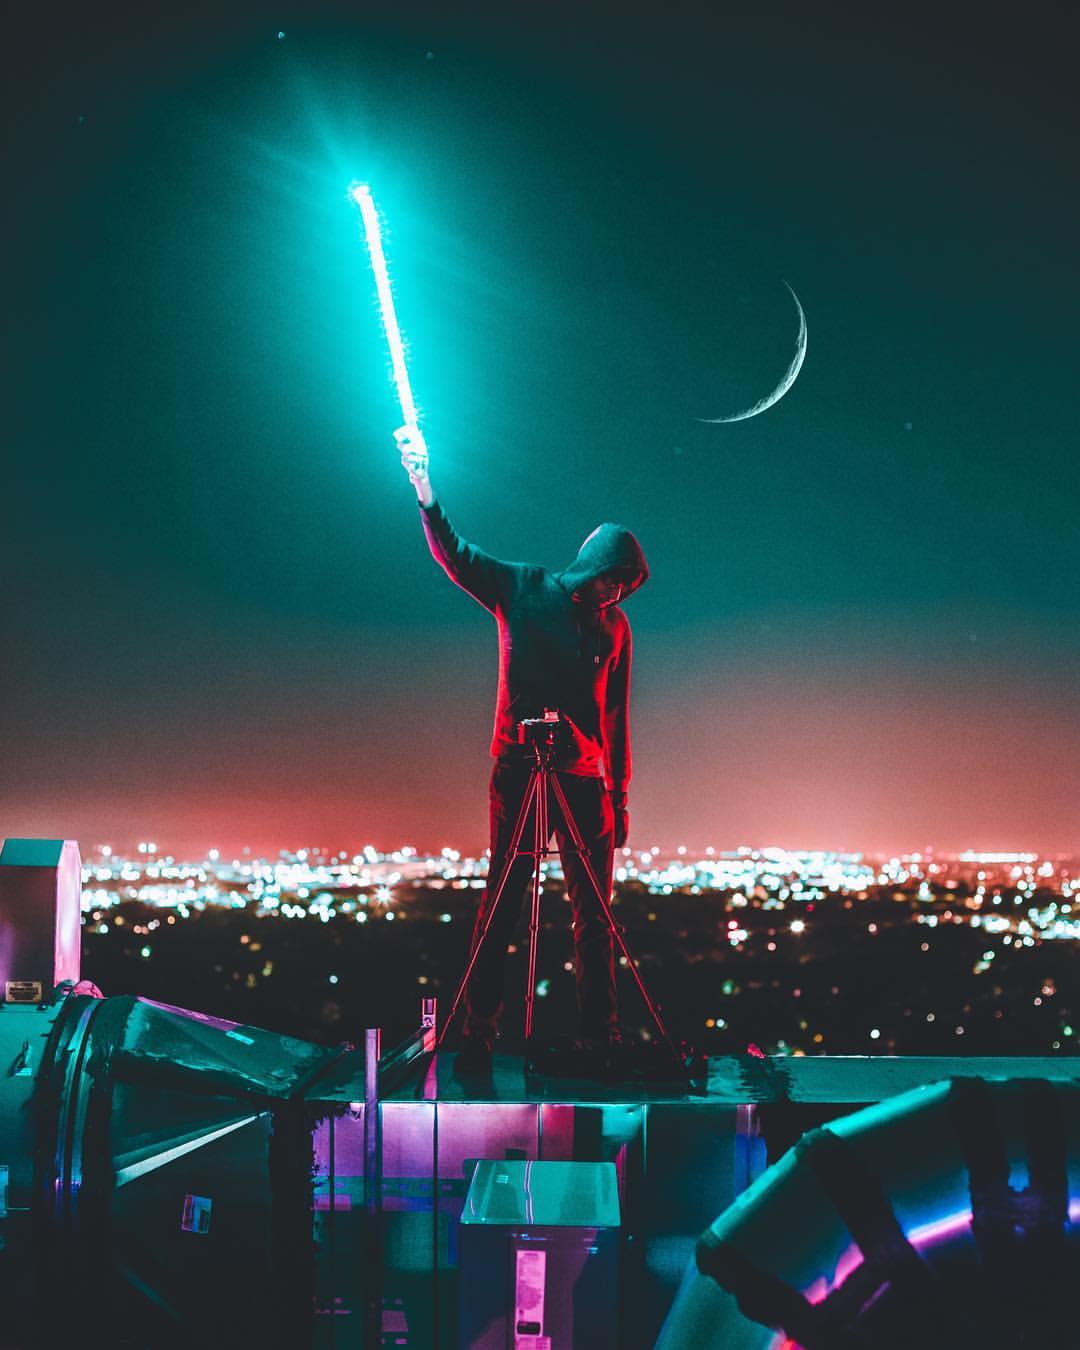 Фото Парень стоит на фоне ночного города, by j. mos